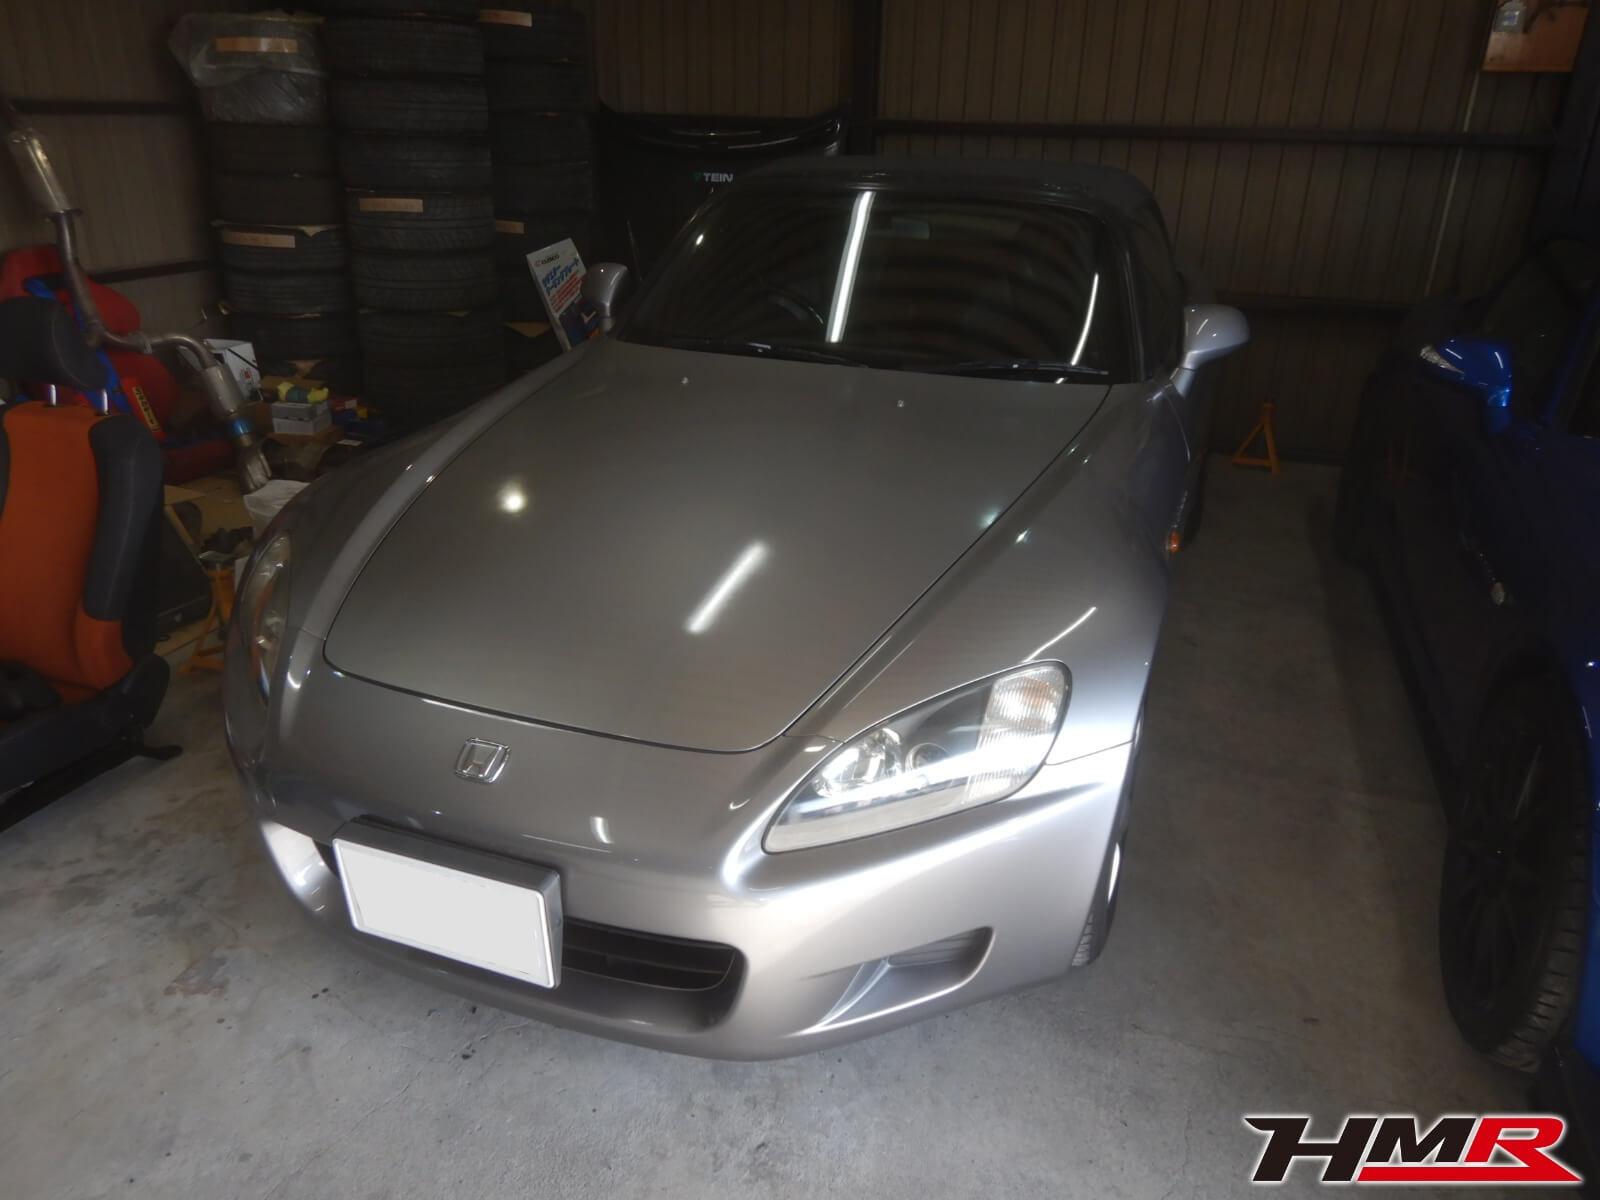 S2000(AP1)前期モデル画像